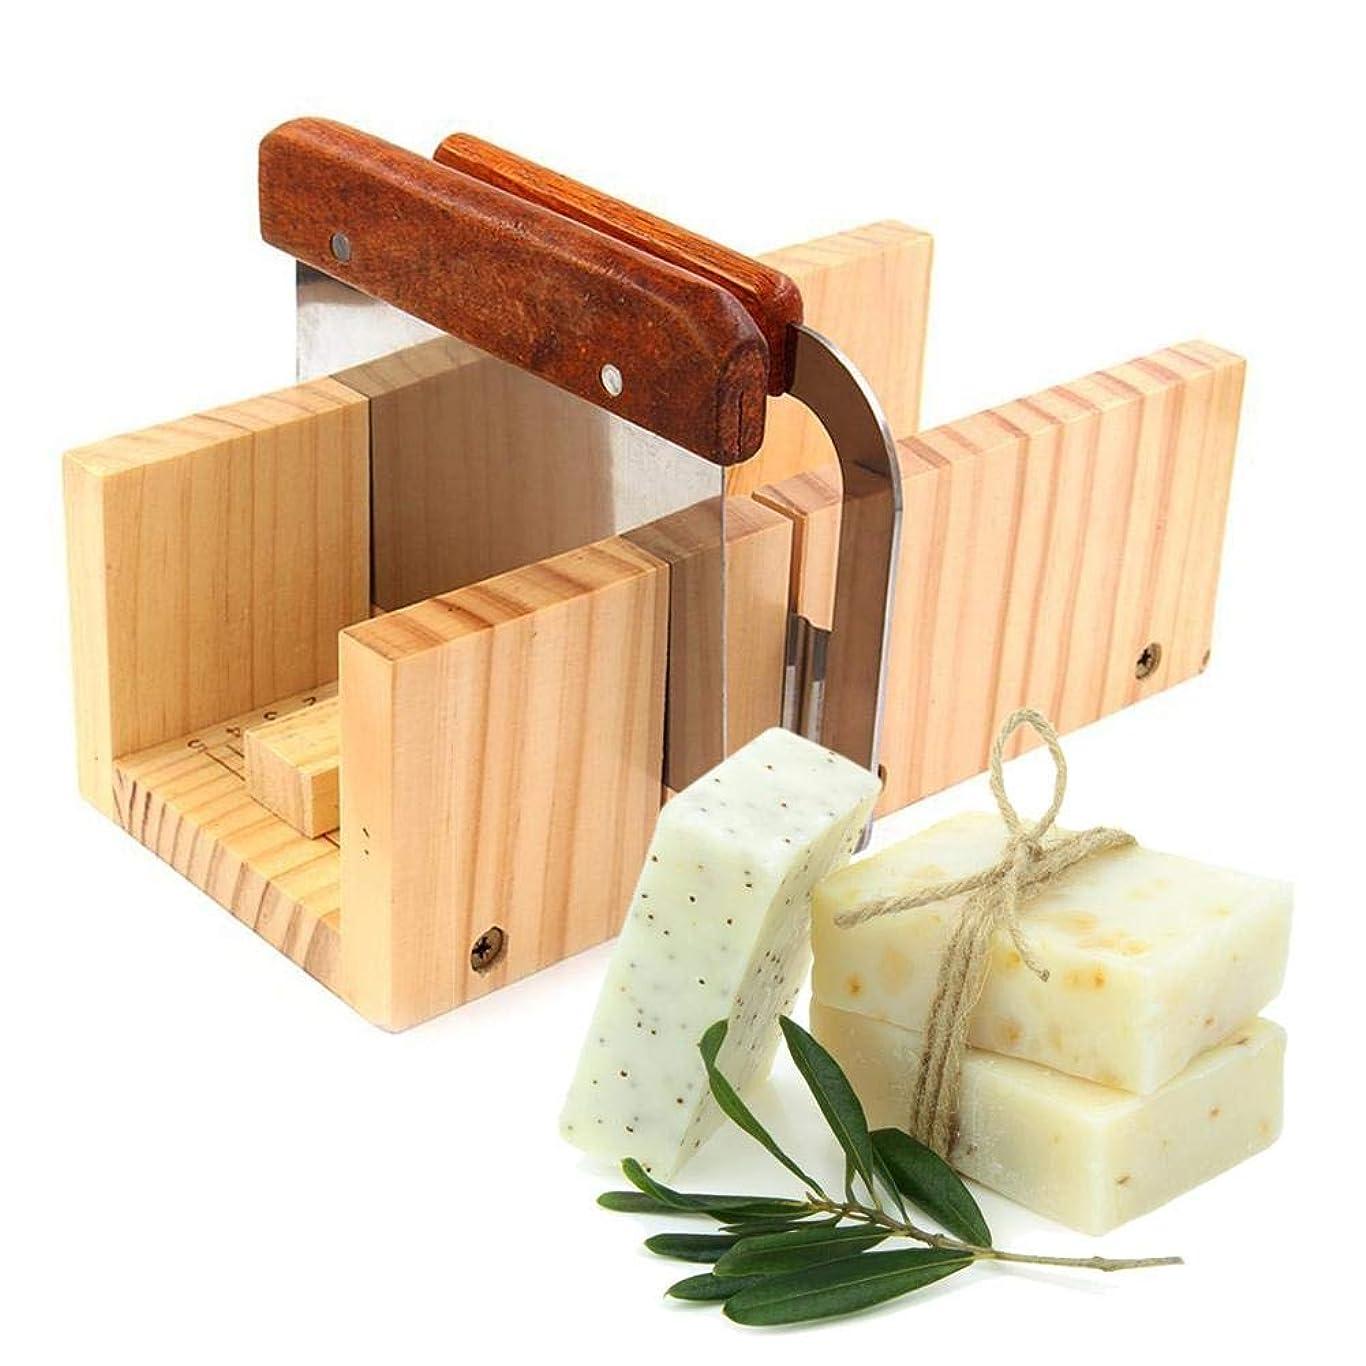 バウンド美容師生態学ソープモールド、調整可能、木製、ハンドメイド、石鹸、モールドアクセサリー、ストレートプレーナー付き